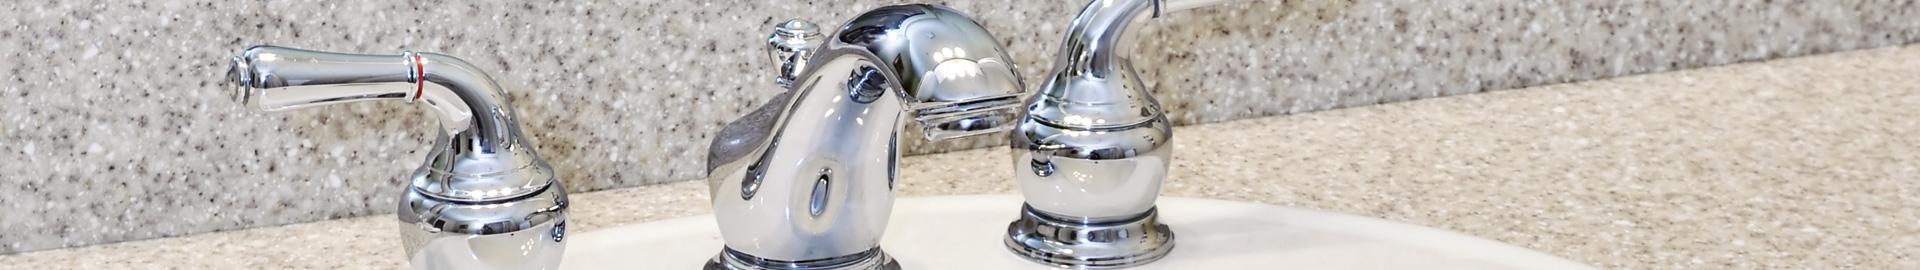 Засіб для очищення ванних кімнат і сантехнічного обладнання.